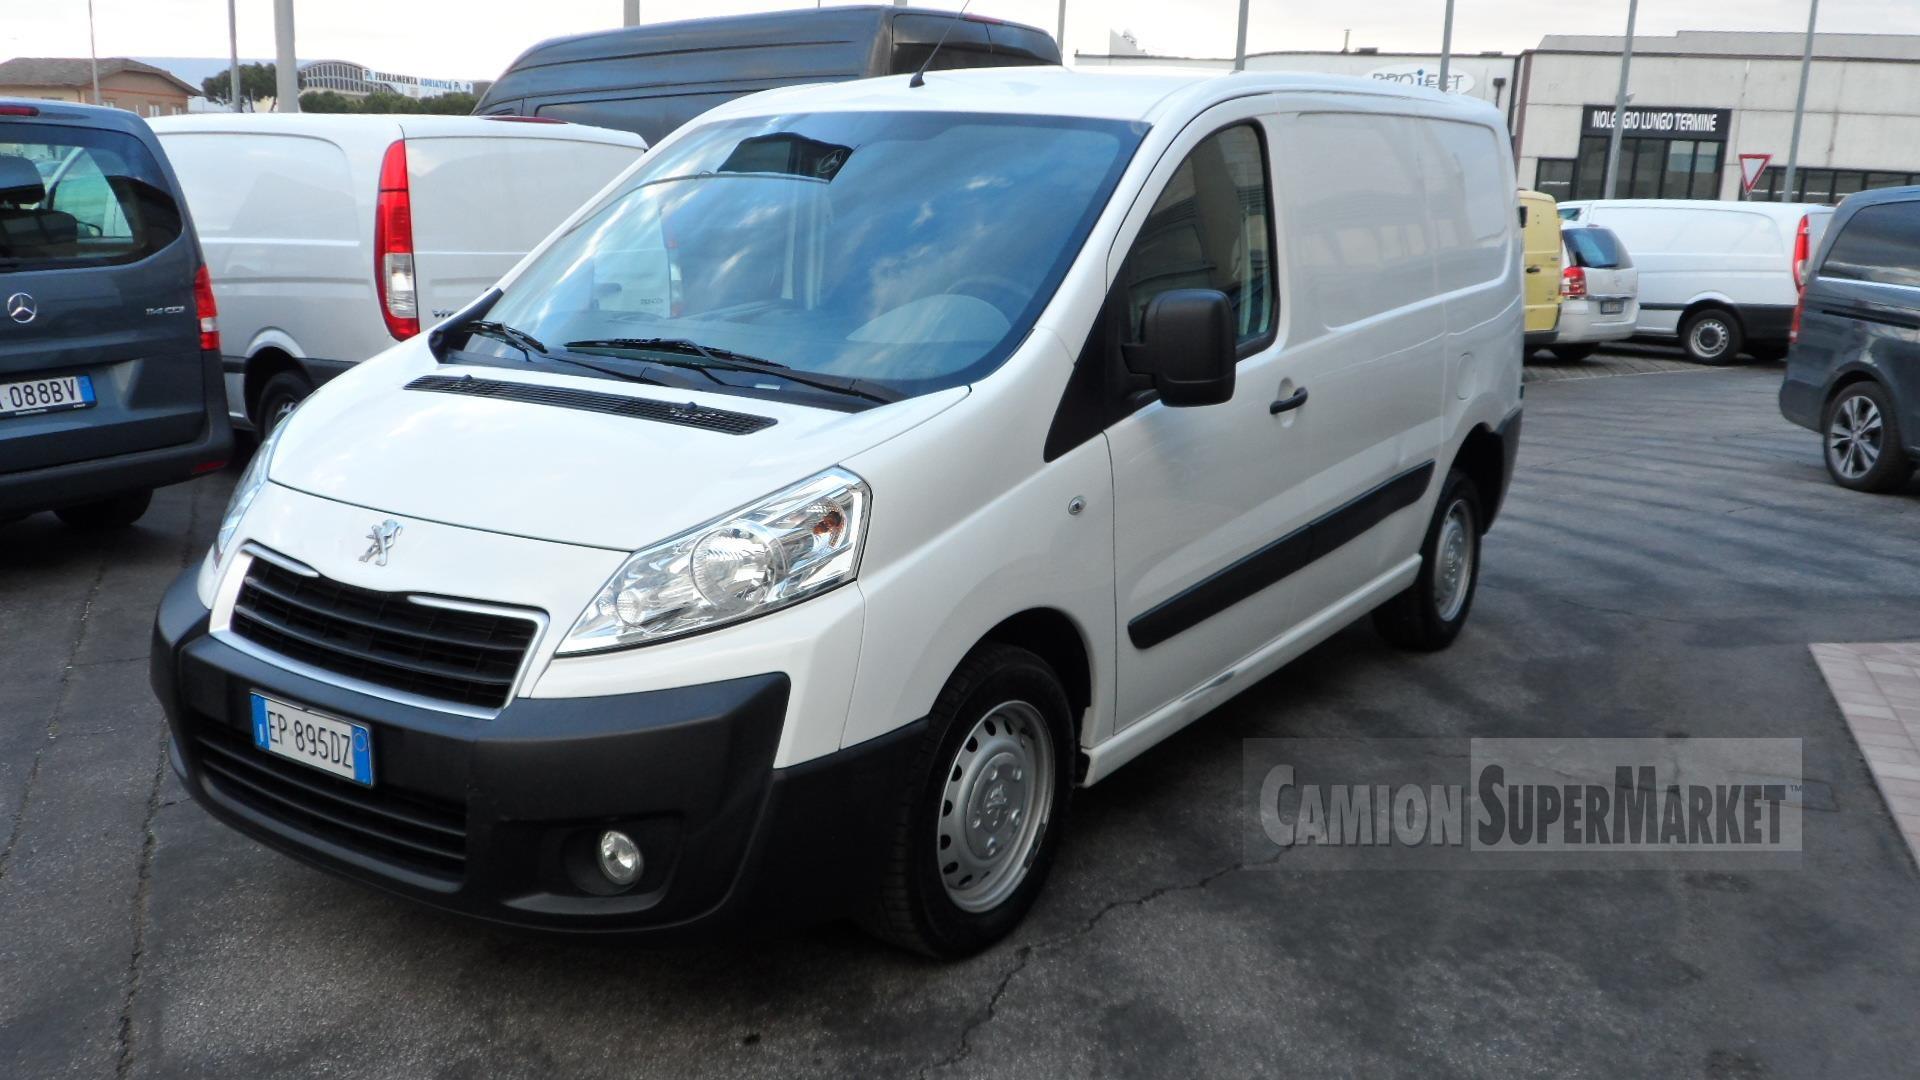 Peugeot EXPERT used 2012